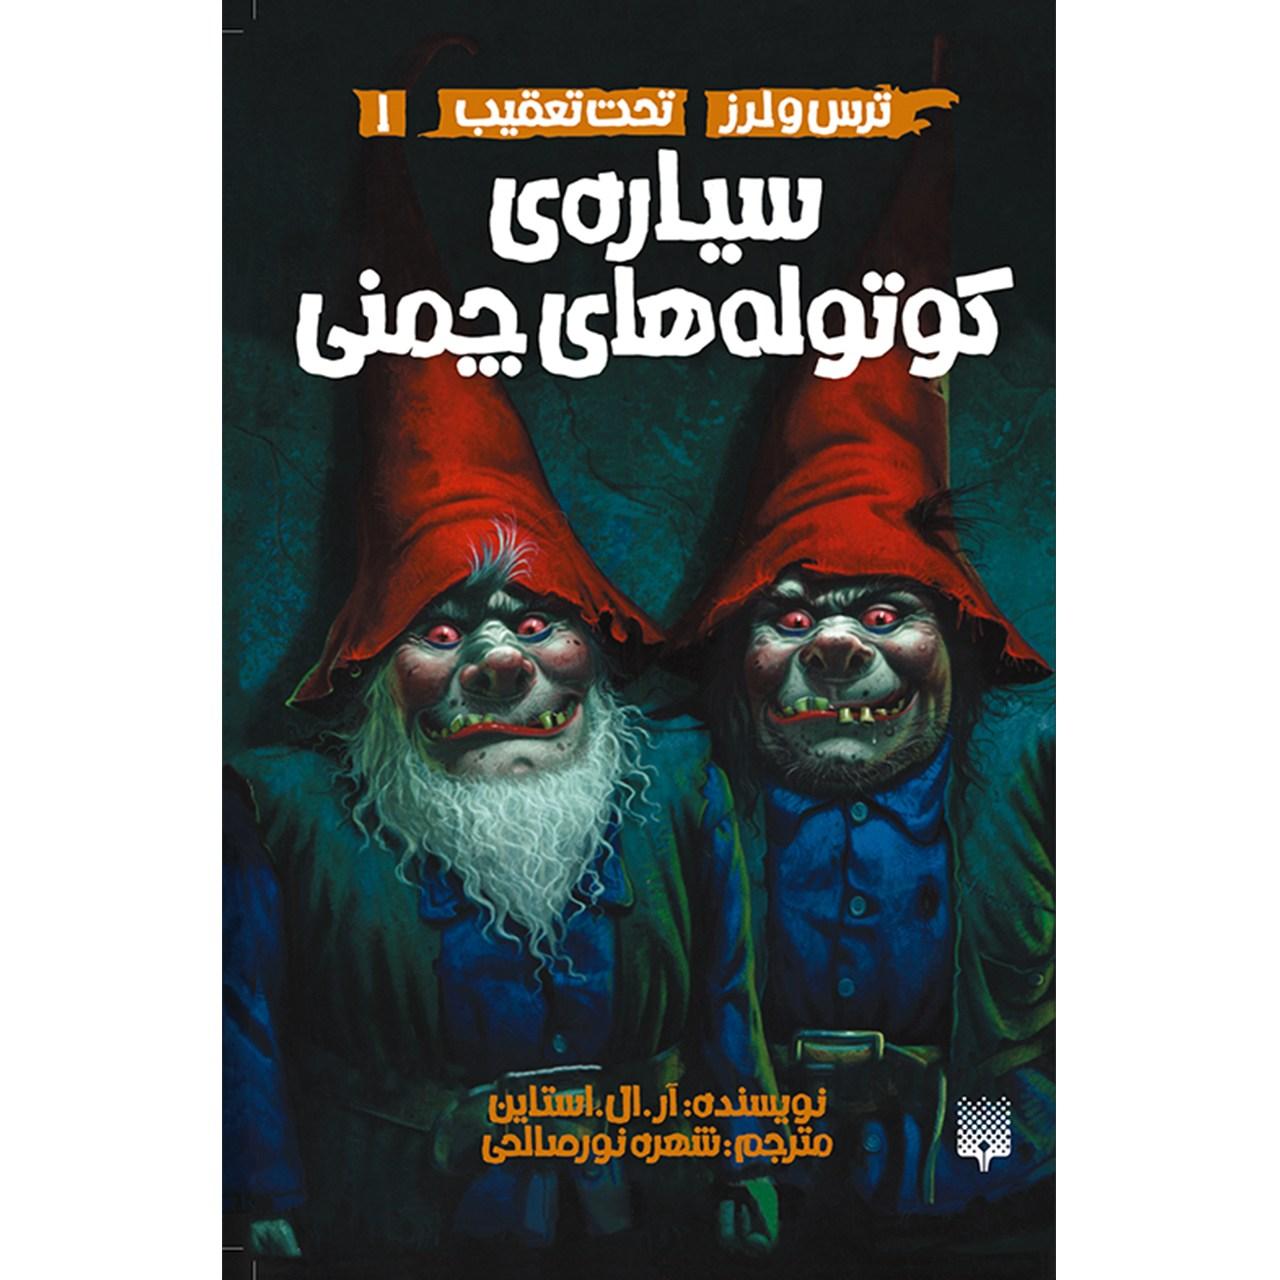 خرید                      کتاب سیاره ی کوتوله های چمنی اثر آر. ال. استاین